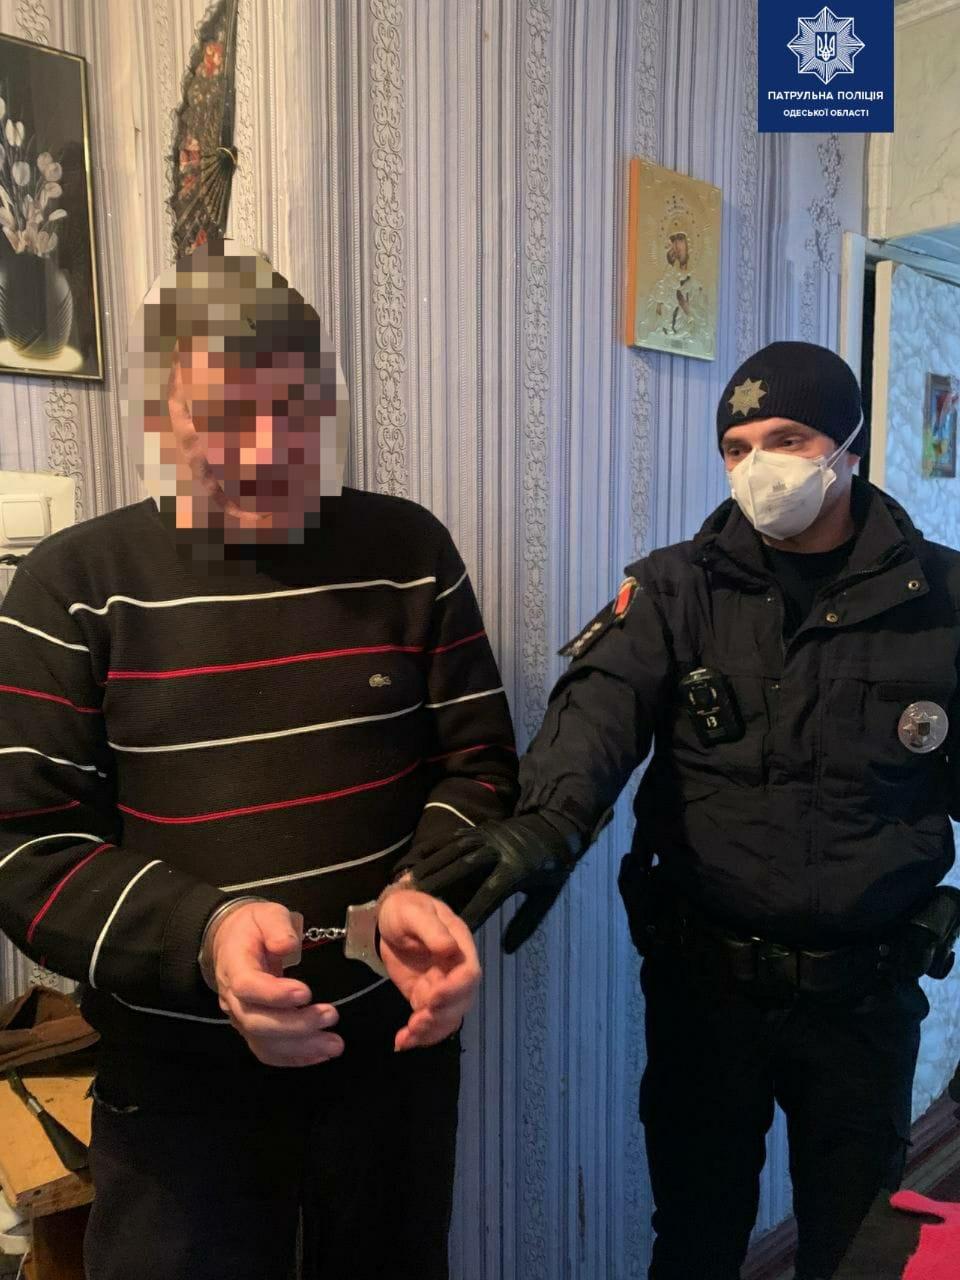 полицейский с задержанным